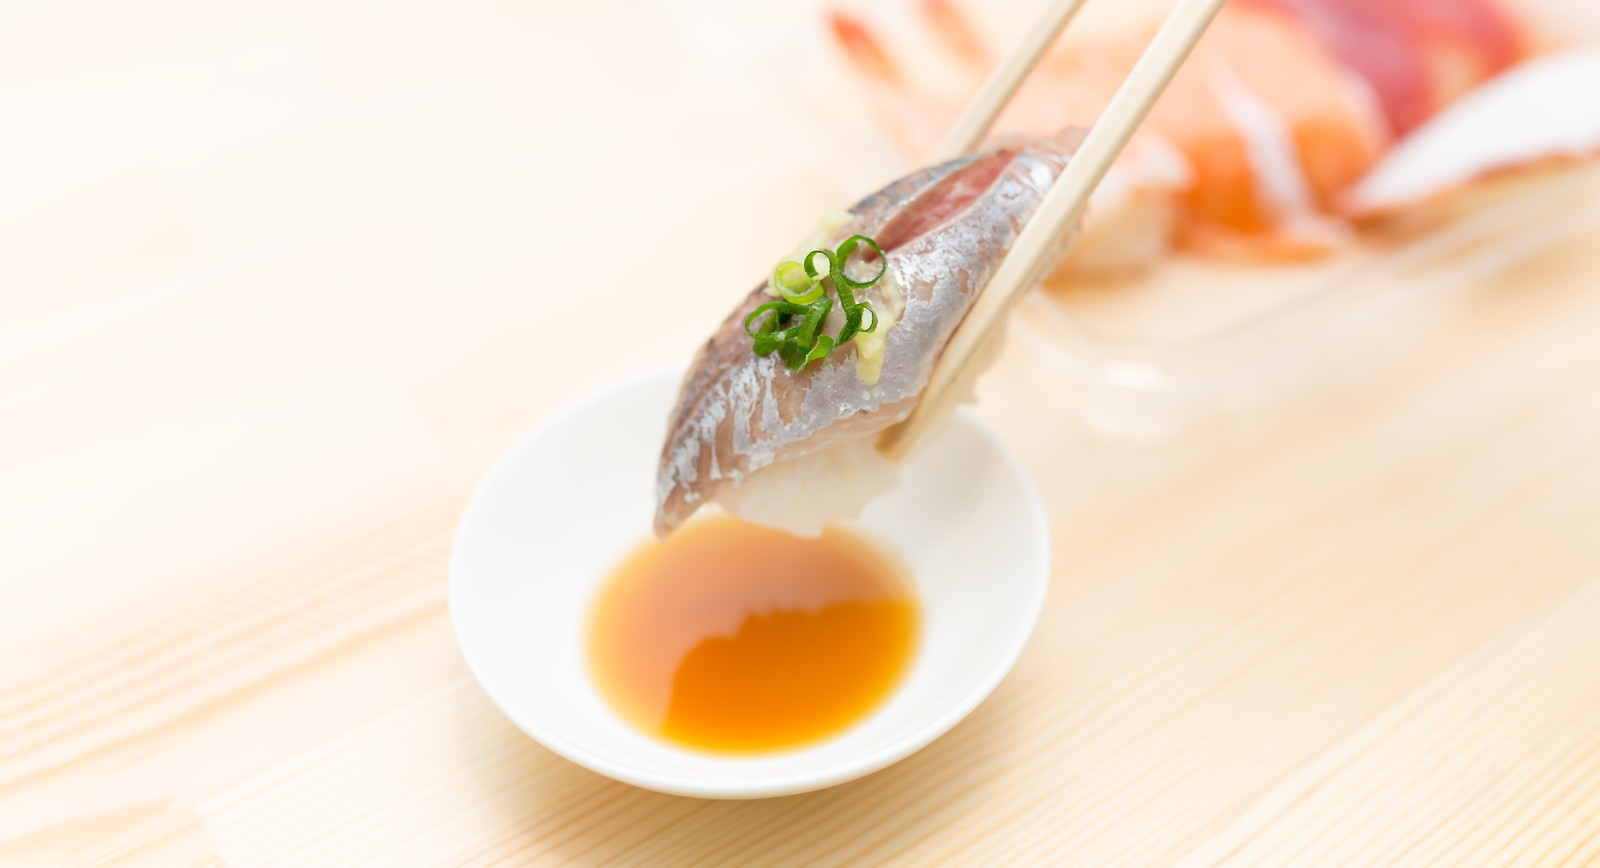 熱海の寿司屋特集!ランチも楽しめる美味しい店をランキングで紹介!